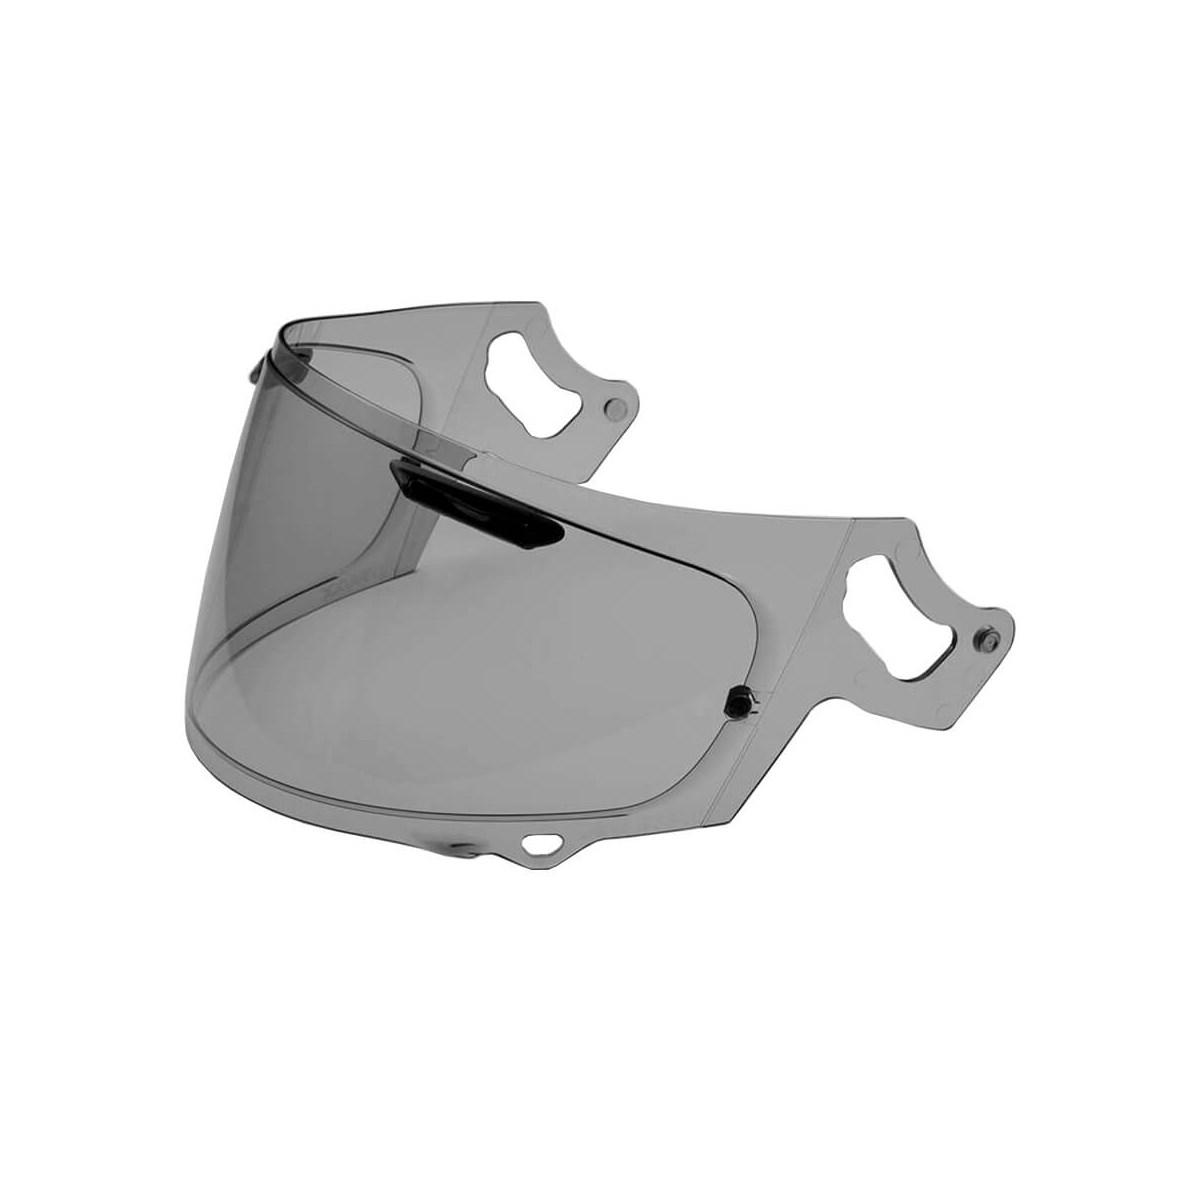 Viseira Arai RX-7V / Profile-V (Vas-V Pinlock)